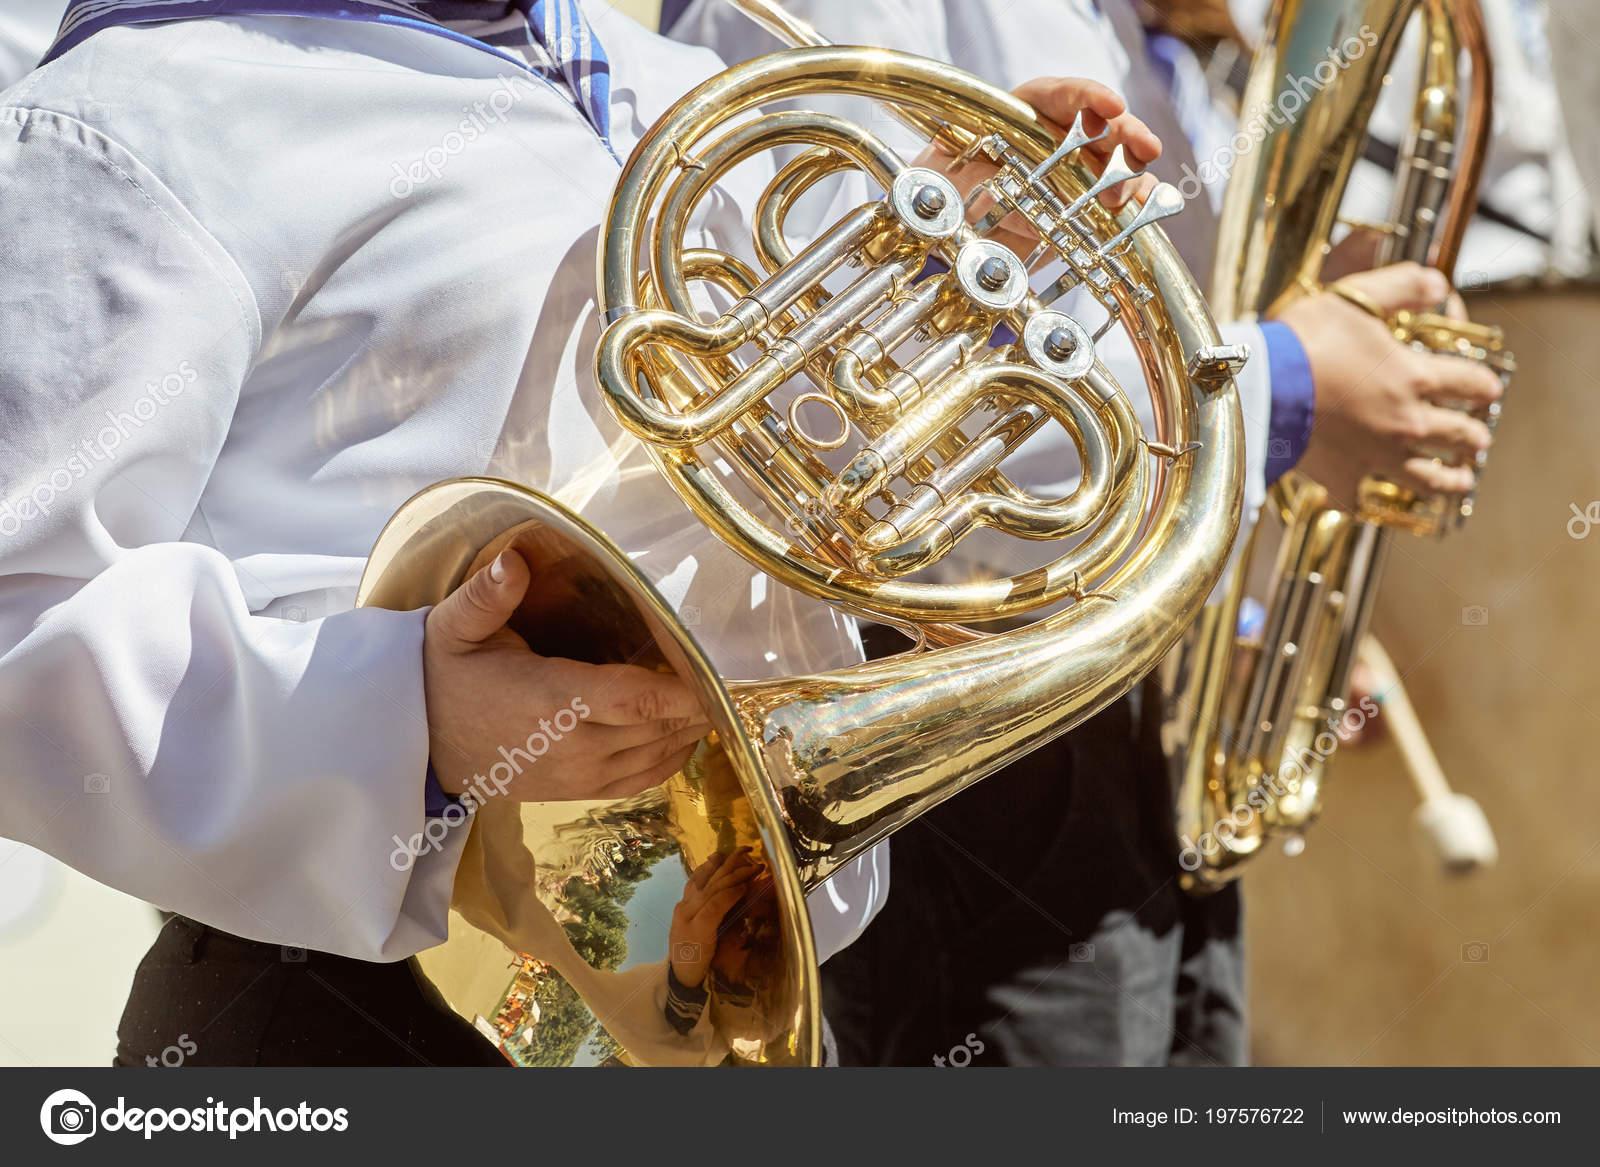 Classic Brass Band Plays Musical Garden Musical Instrument Brass ...